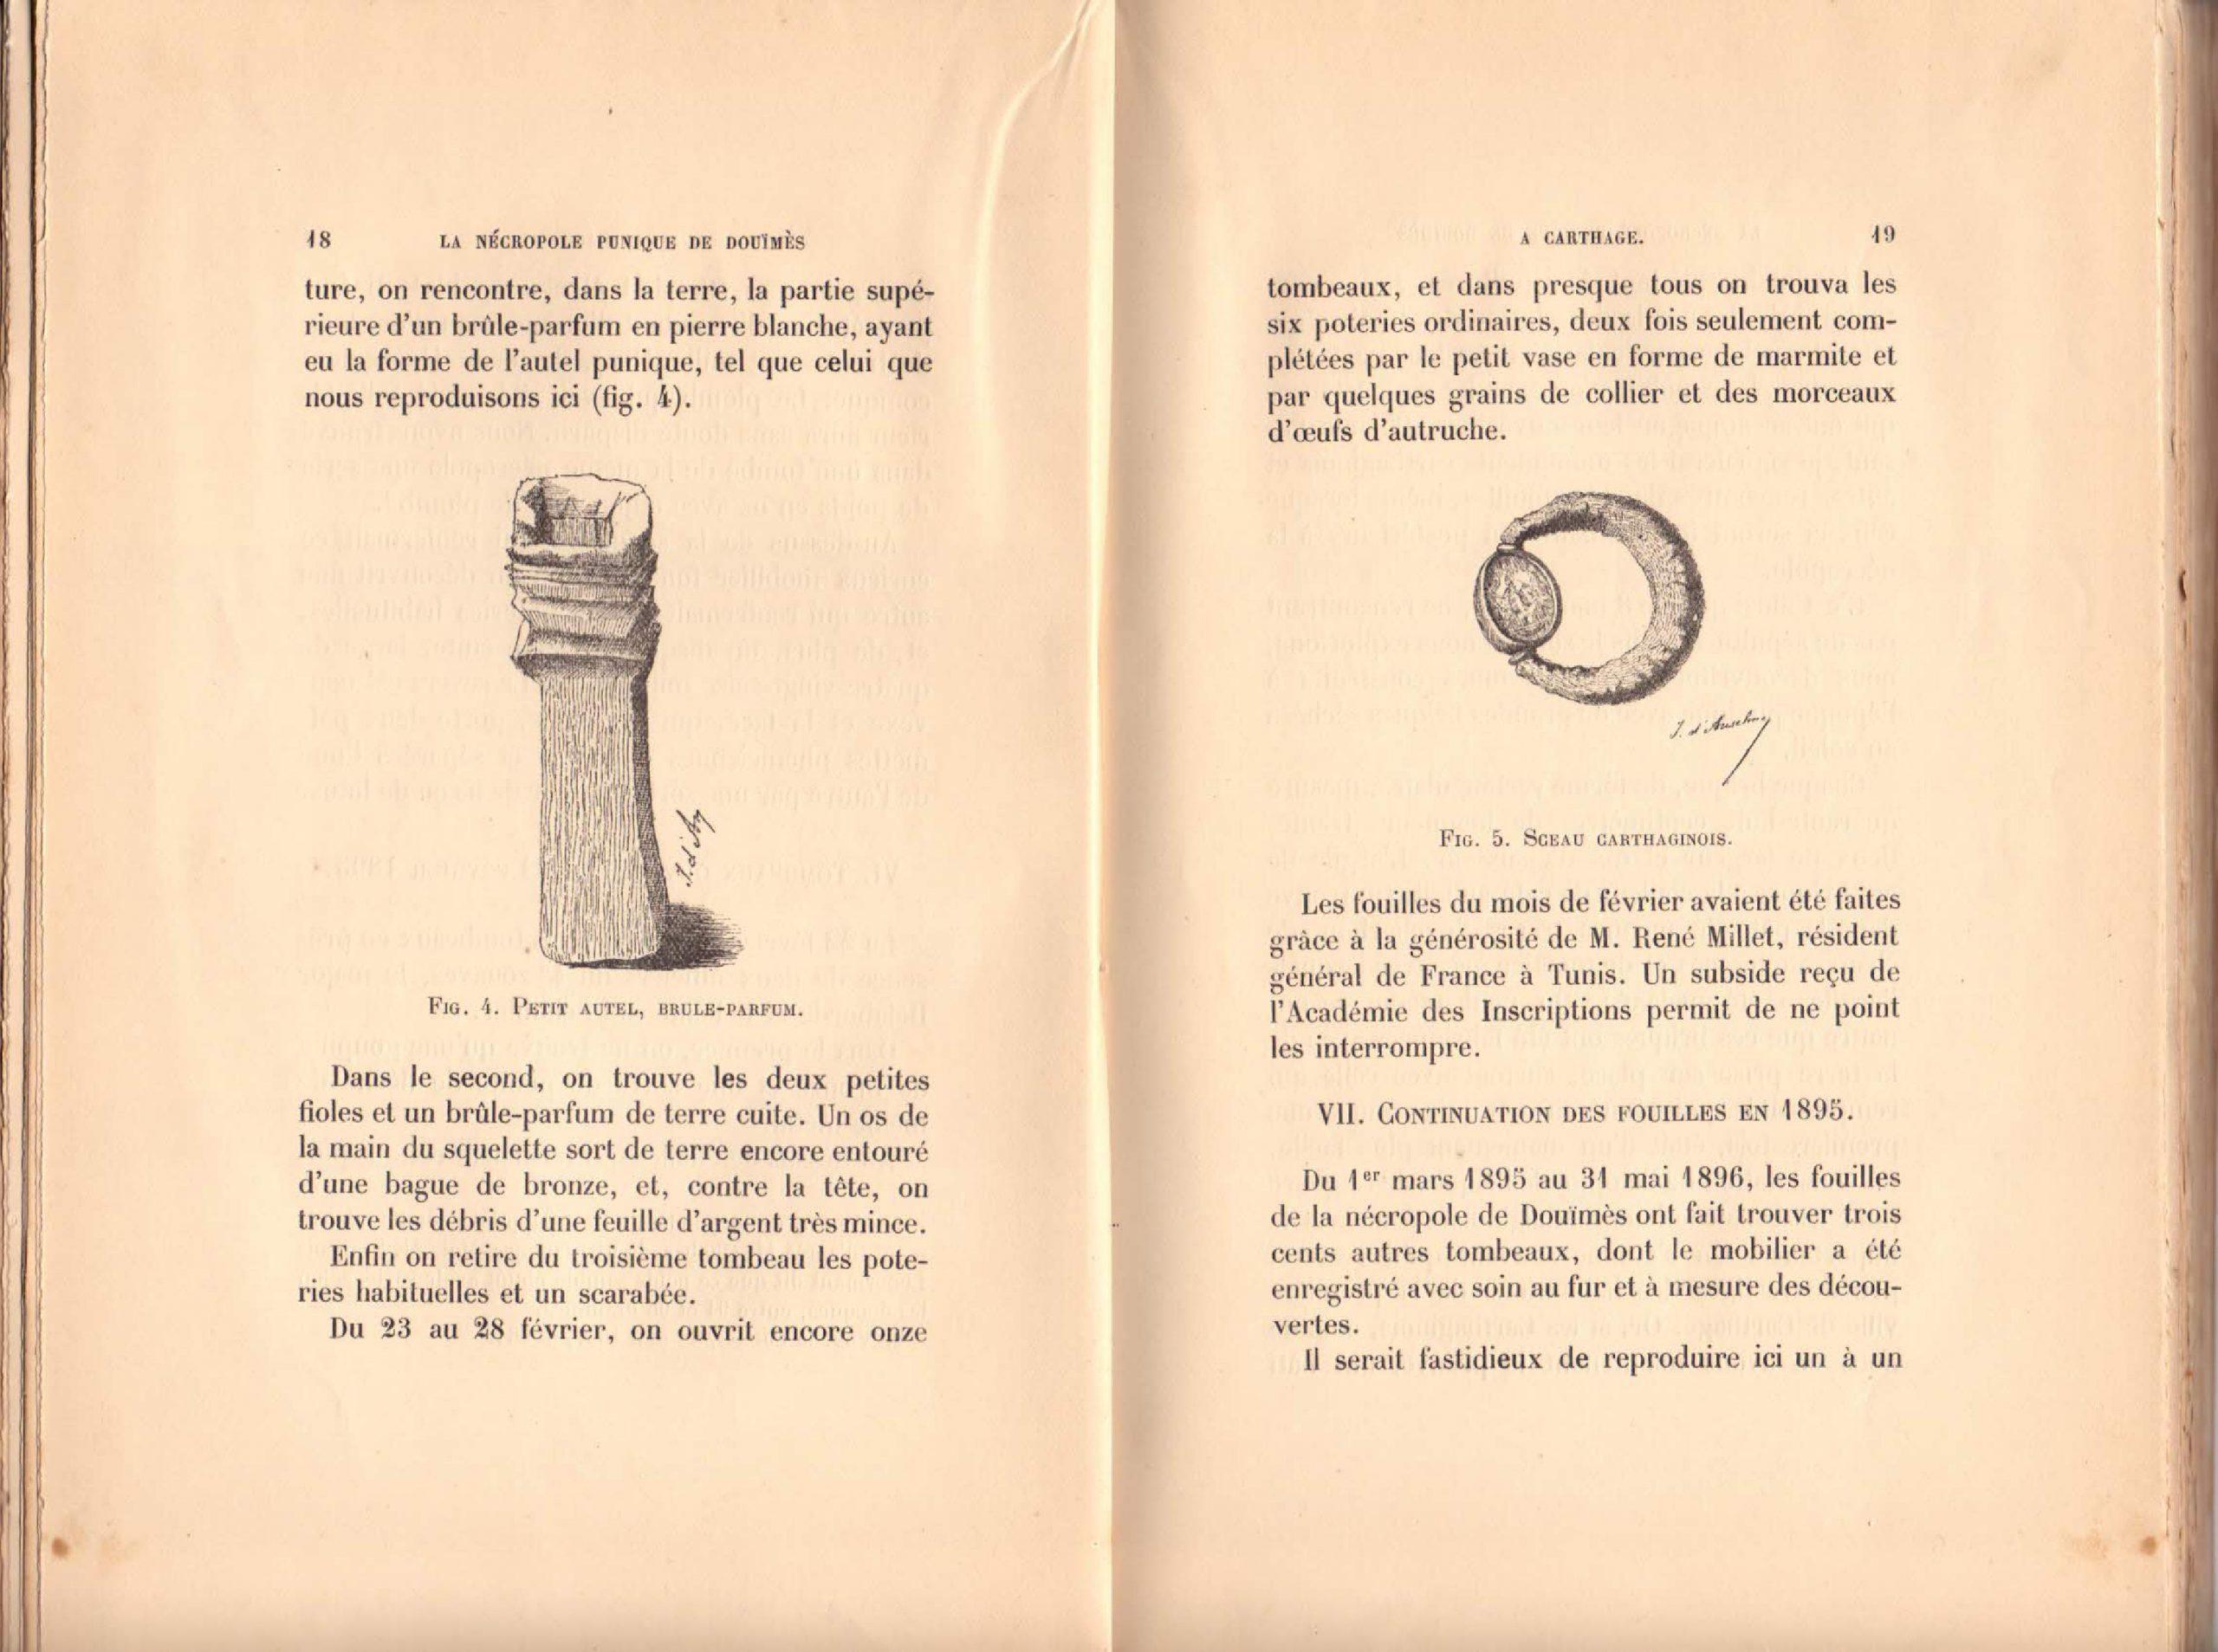 File:la Nécropole Punique De Douïmès (A Carthage) Fouilles avec Male De L Autruche